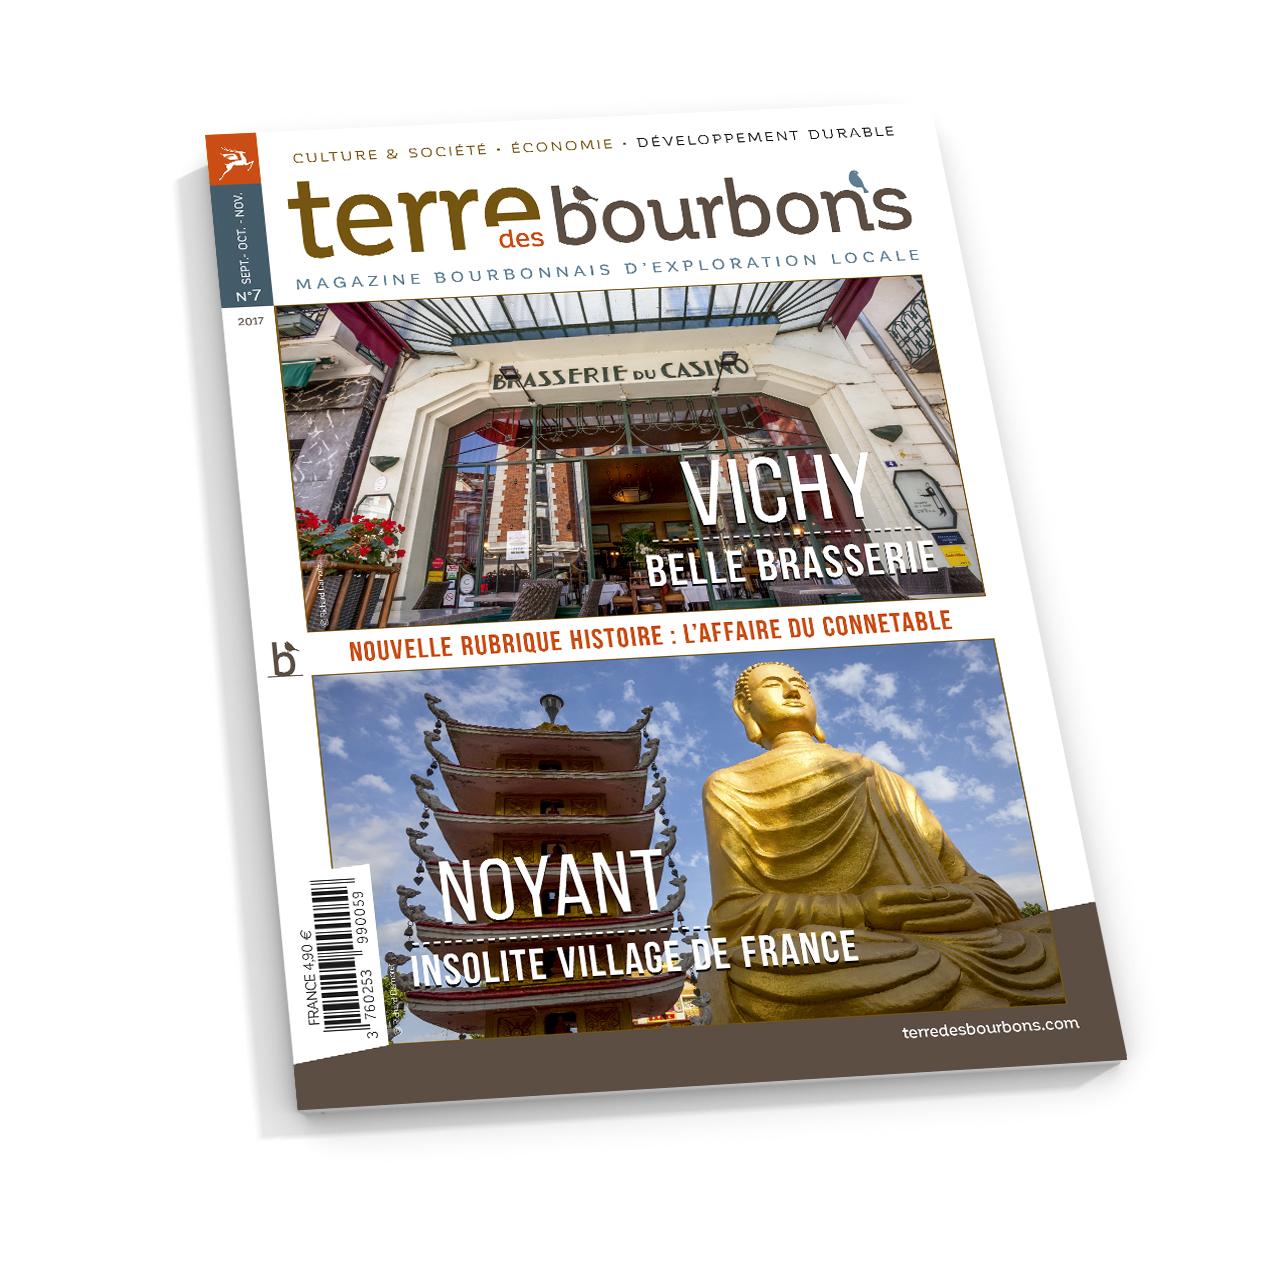 magazine terre des bourbons culture société économie développement durable exploration locale